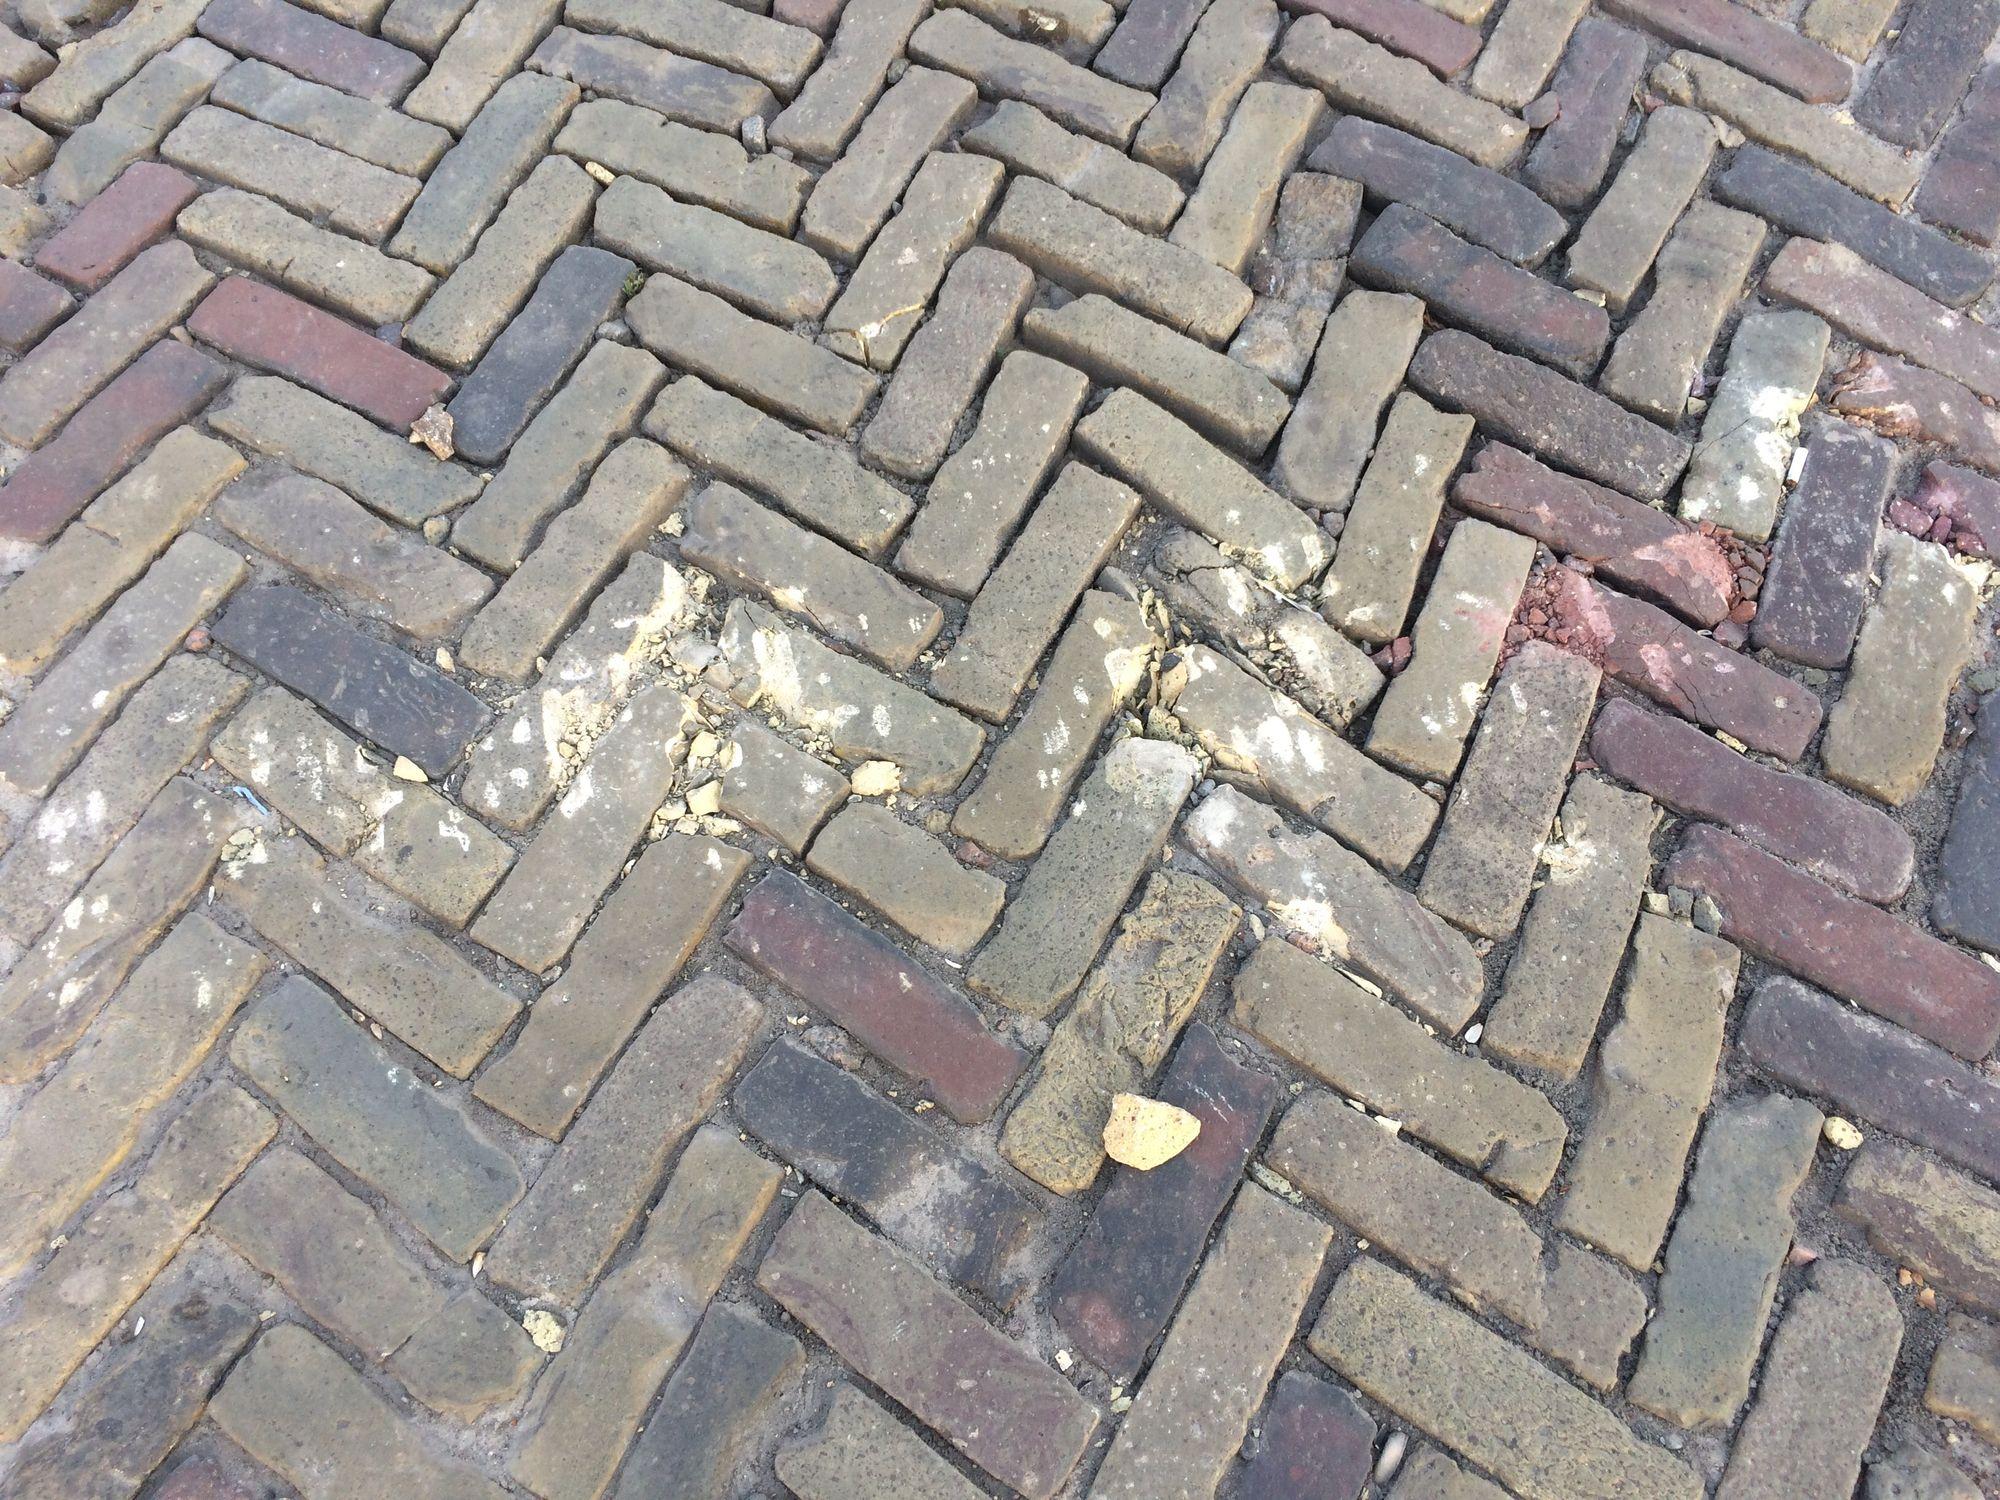 Зворотній бік виставки бронетехніки на Красній площі: понівечена старовинна плитка (Фото)